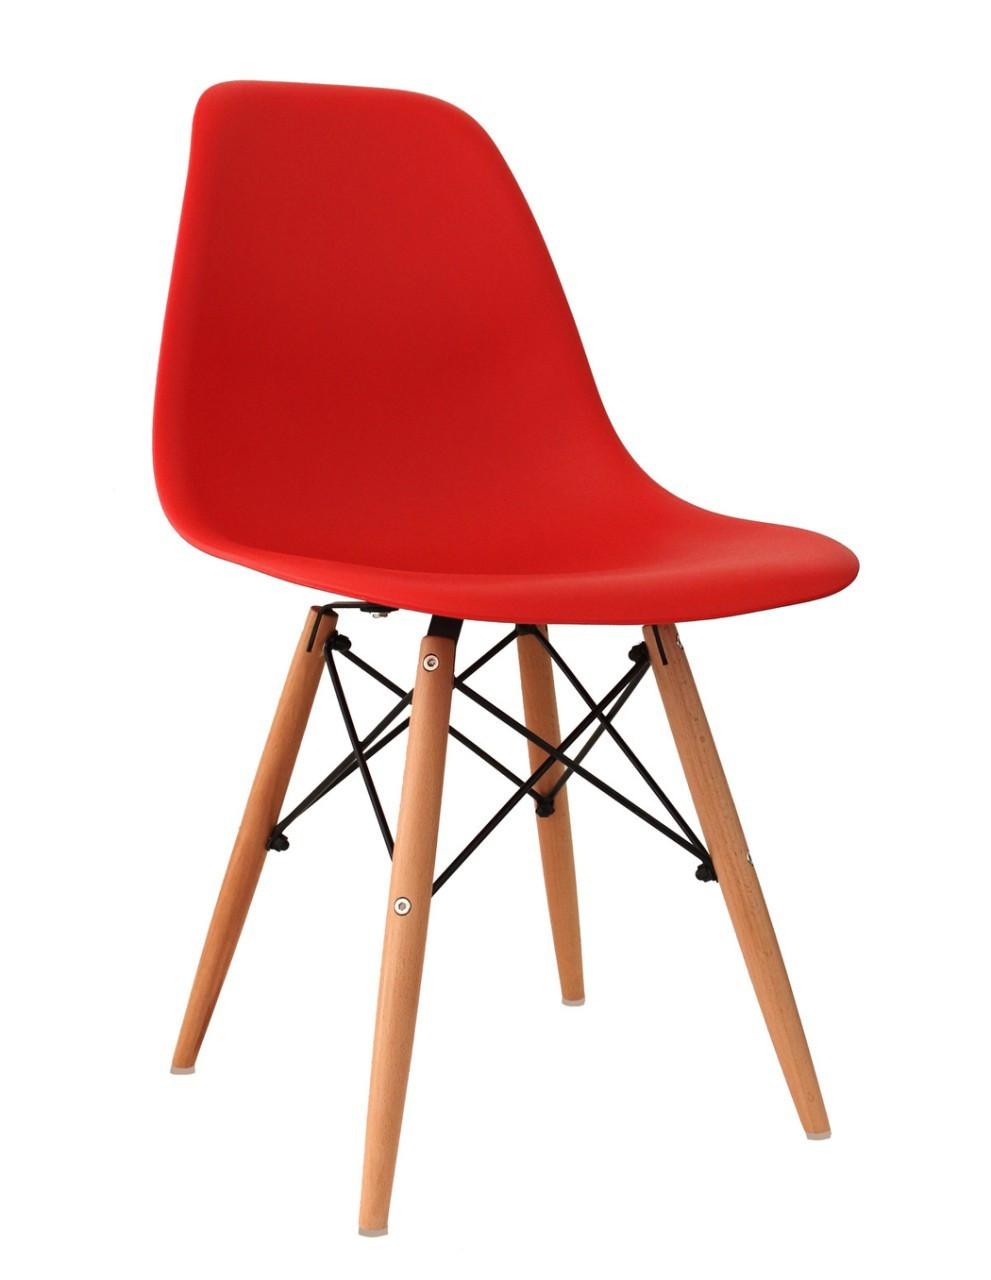 Стул  обеденный пластиковый на буковых ножках 8056PP ENZO (Энзо)  Evrodim, цвет красный